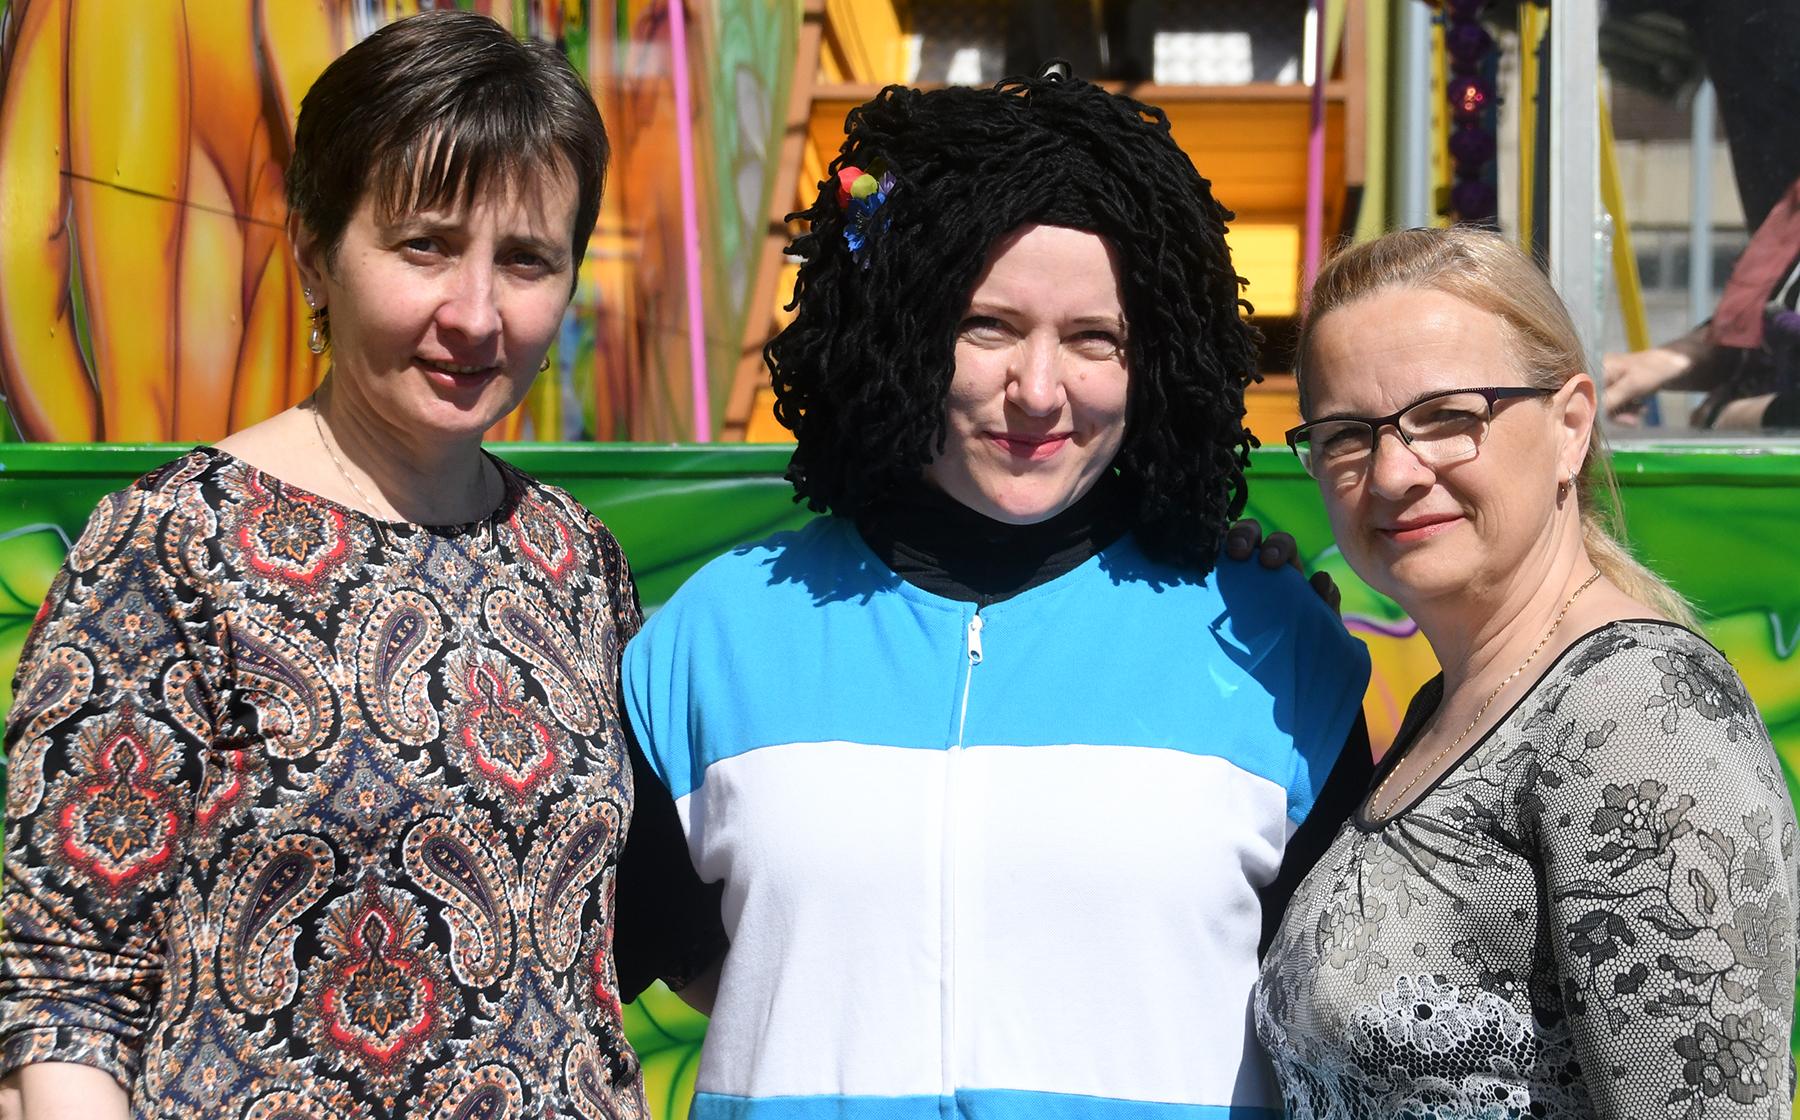 Sindi laada korraldajate kolmik Ülle Ots, Alice Laanemaa, Anneli Uustalu. Foto: Urmas Saard